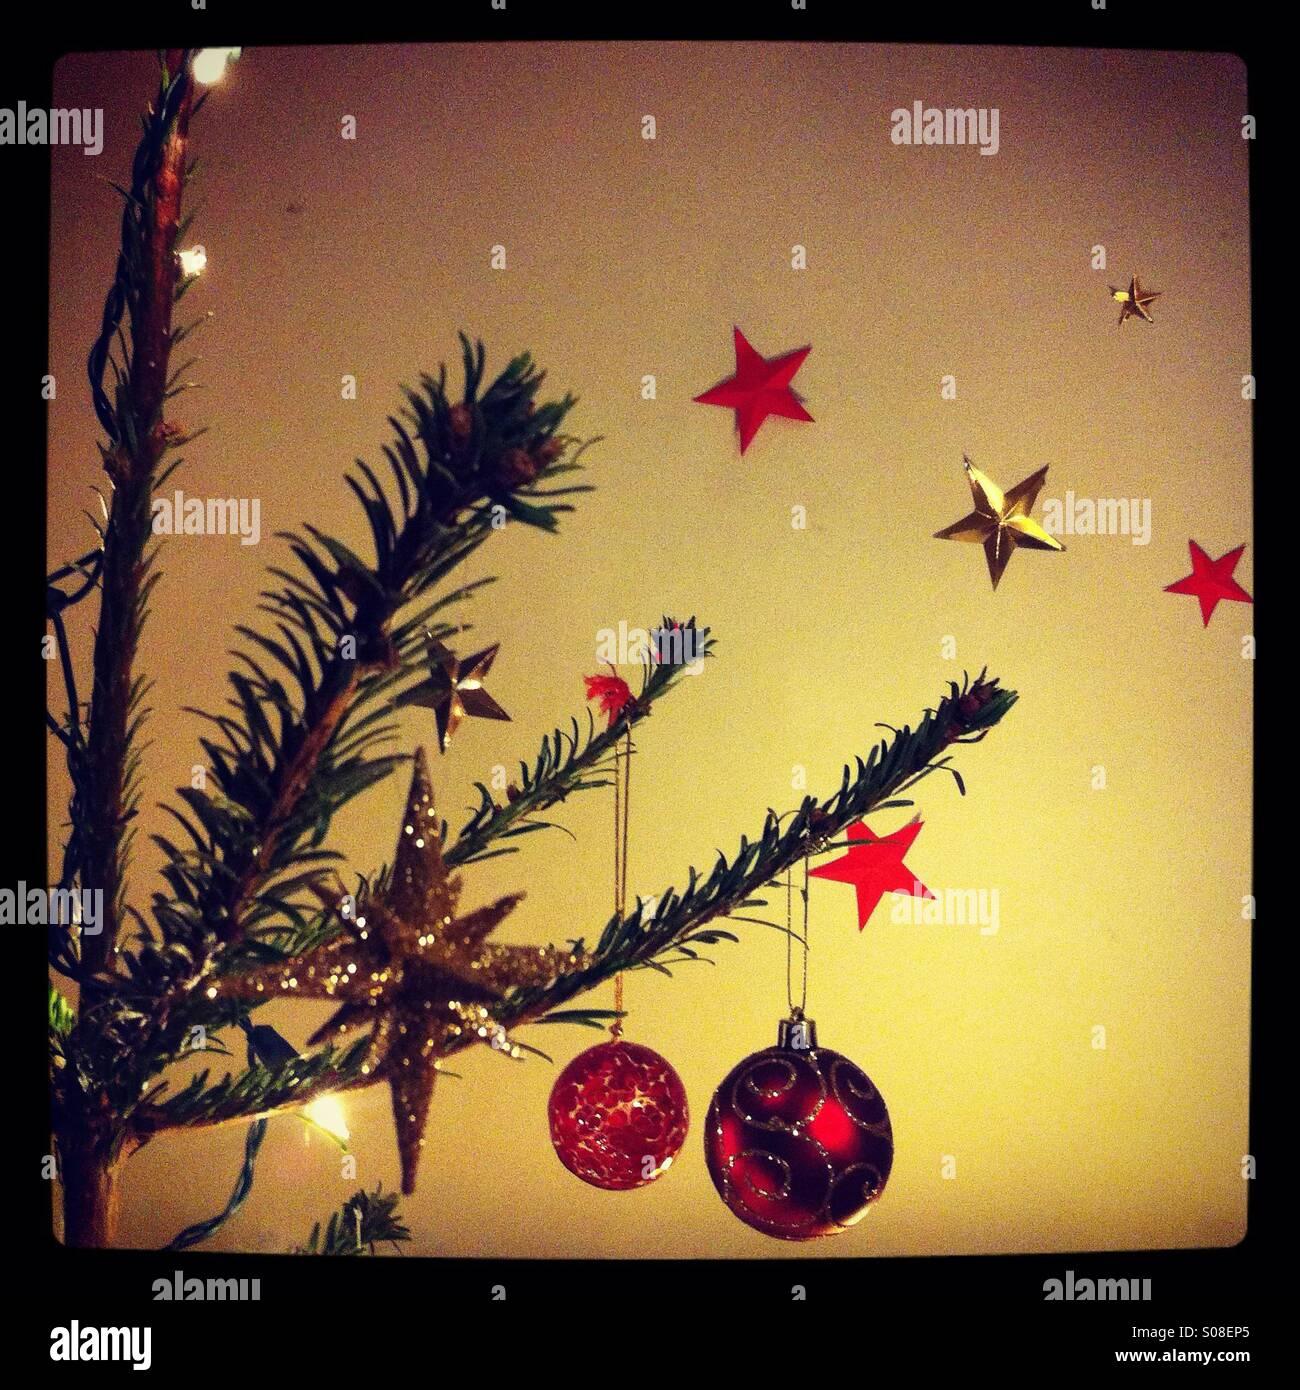 Detail von einem Weihnachtsbaum dekoriert mit Kugeln und Lichterketten, mit roten und goldenen Sternen im Hintergrund Stockbild